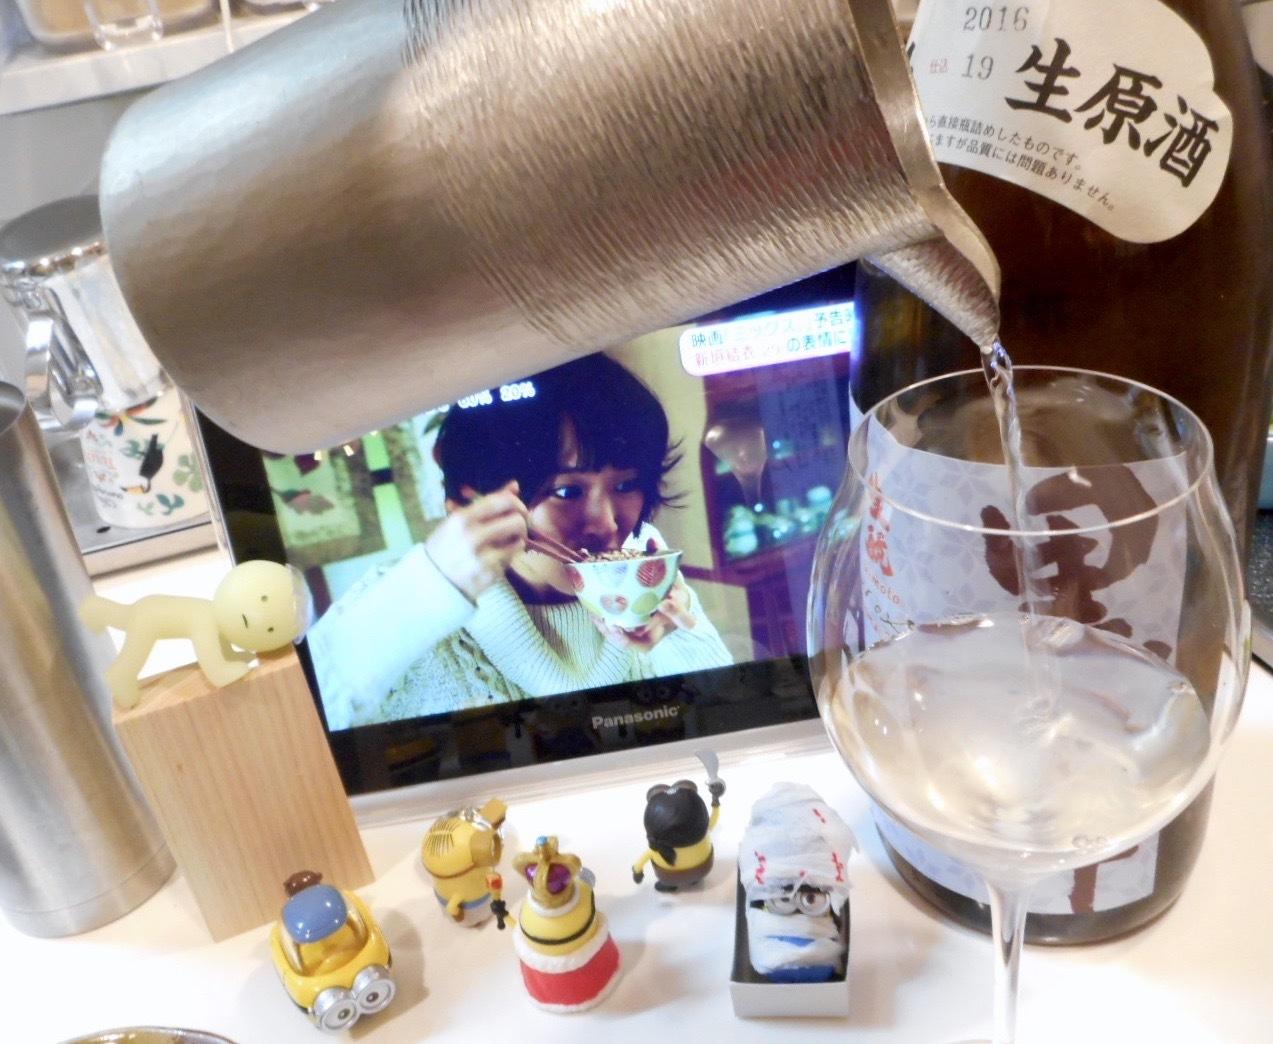 kurosawa_type9_28by14.jpg